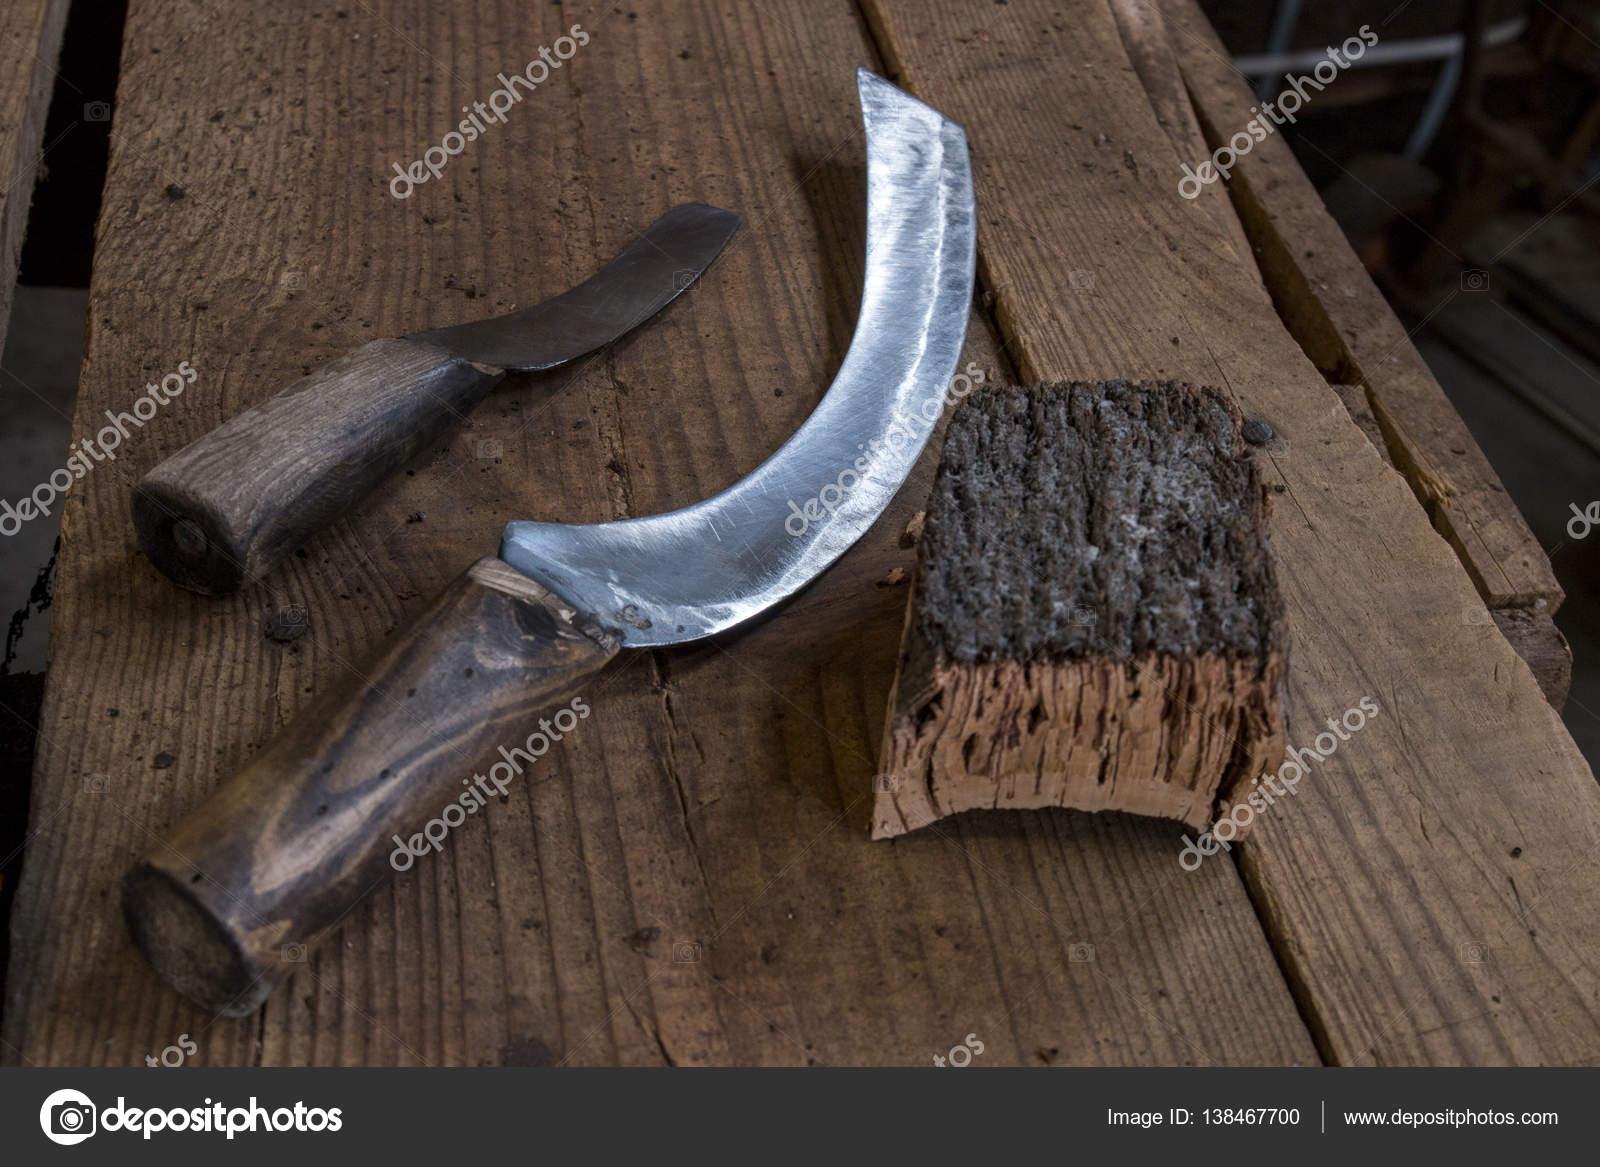 messer werkzeuge zum schneiden von kork — stockfoto © membio #138467700